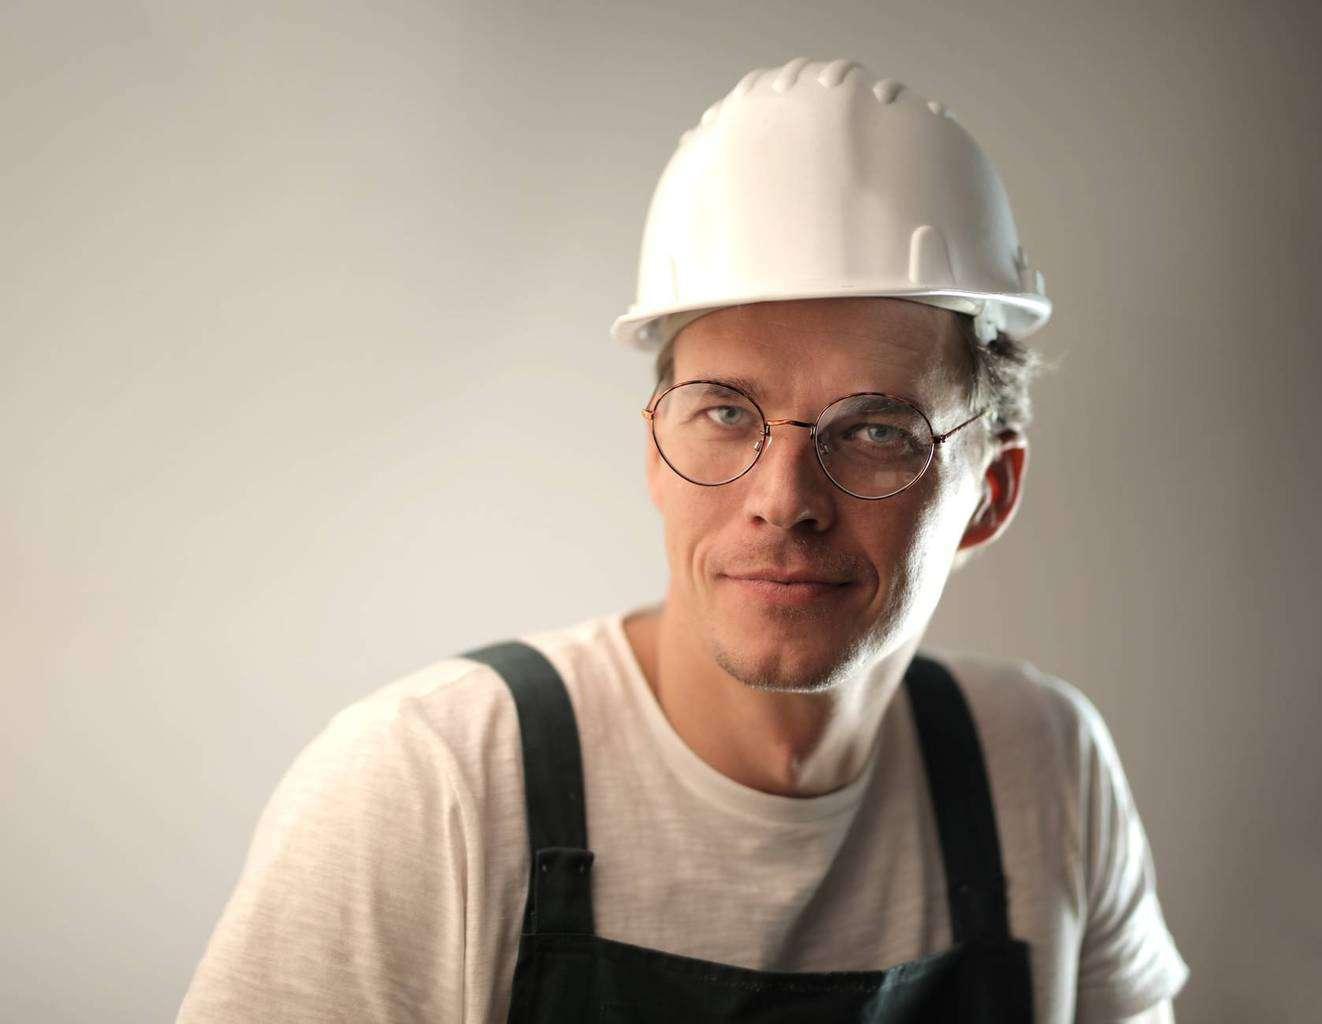 smiling male worker in construction helmet in studio